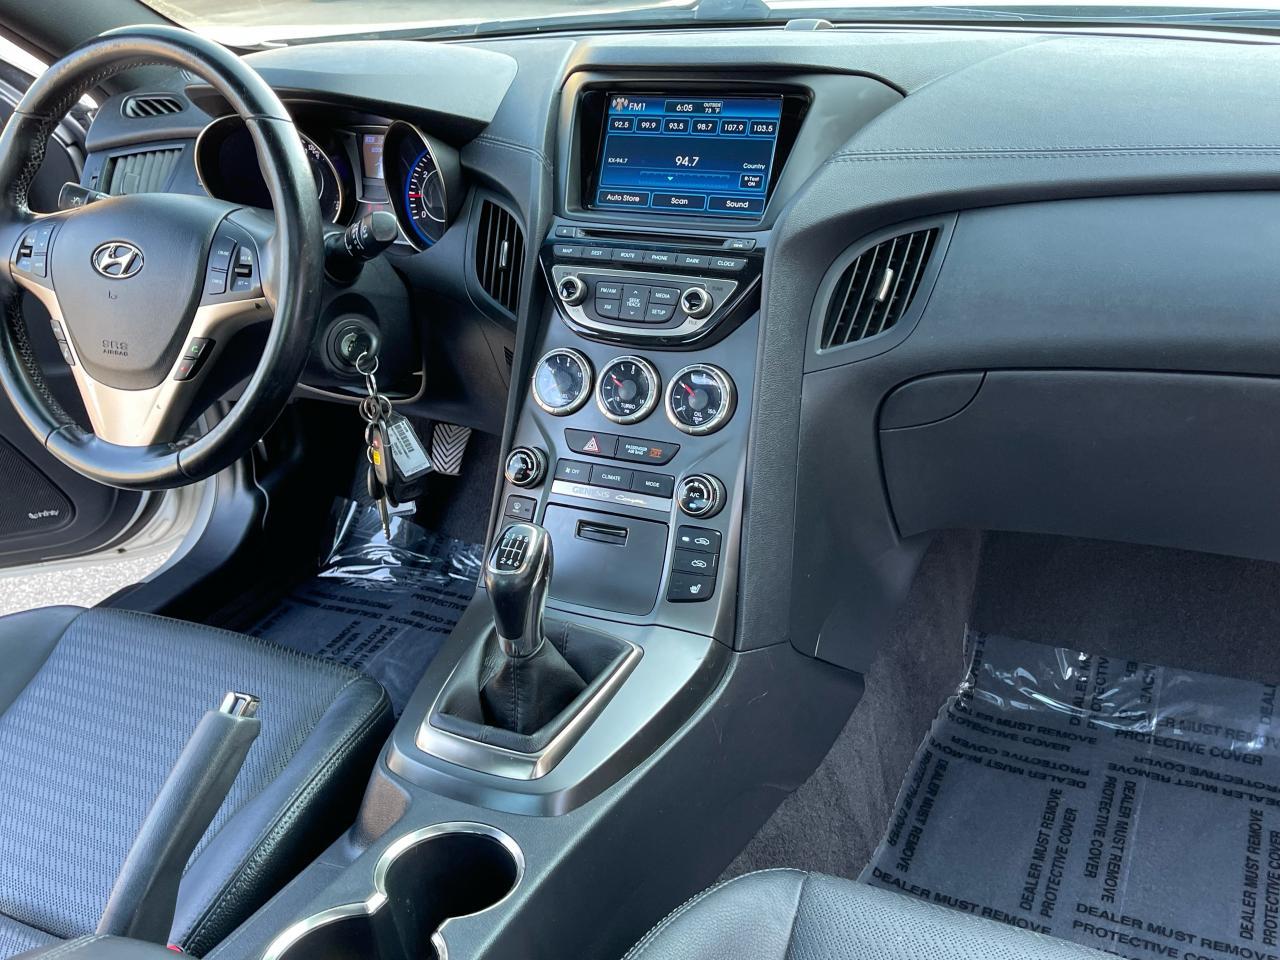 2013 Hyundai Genesis Coupe